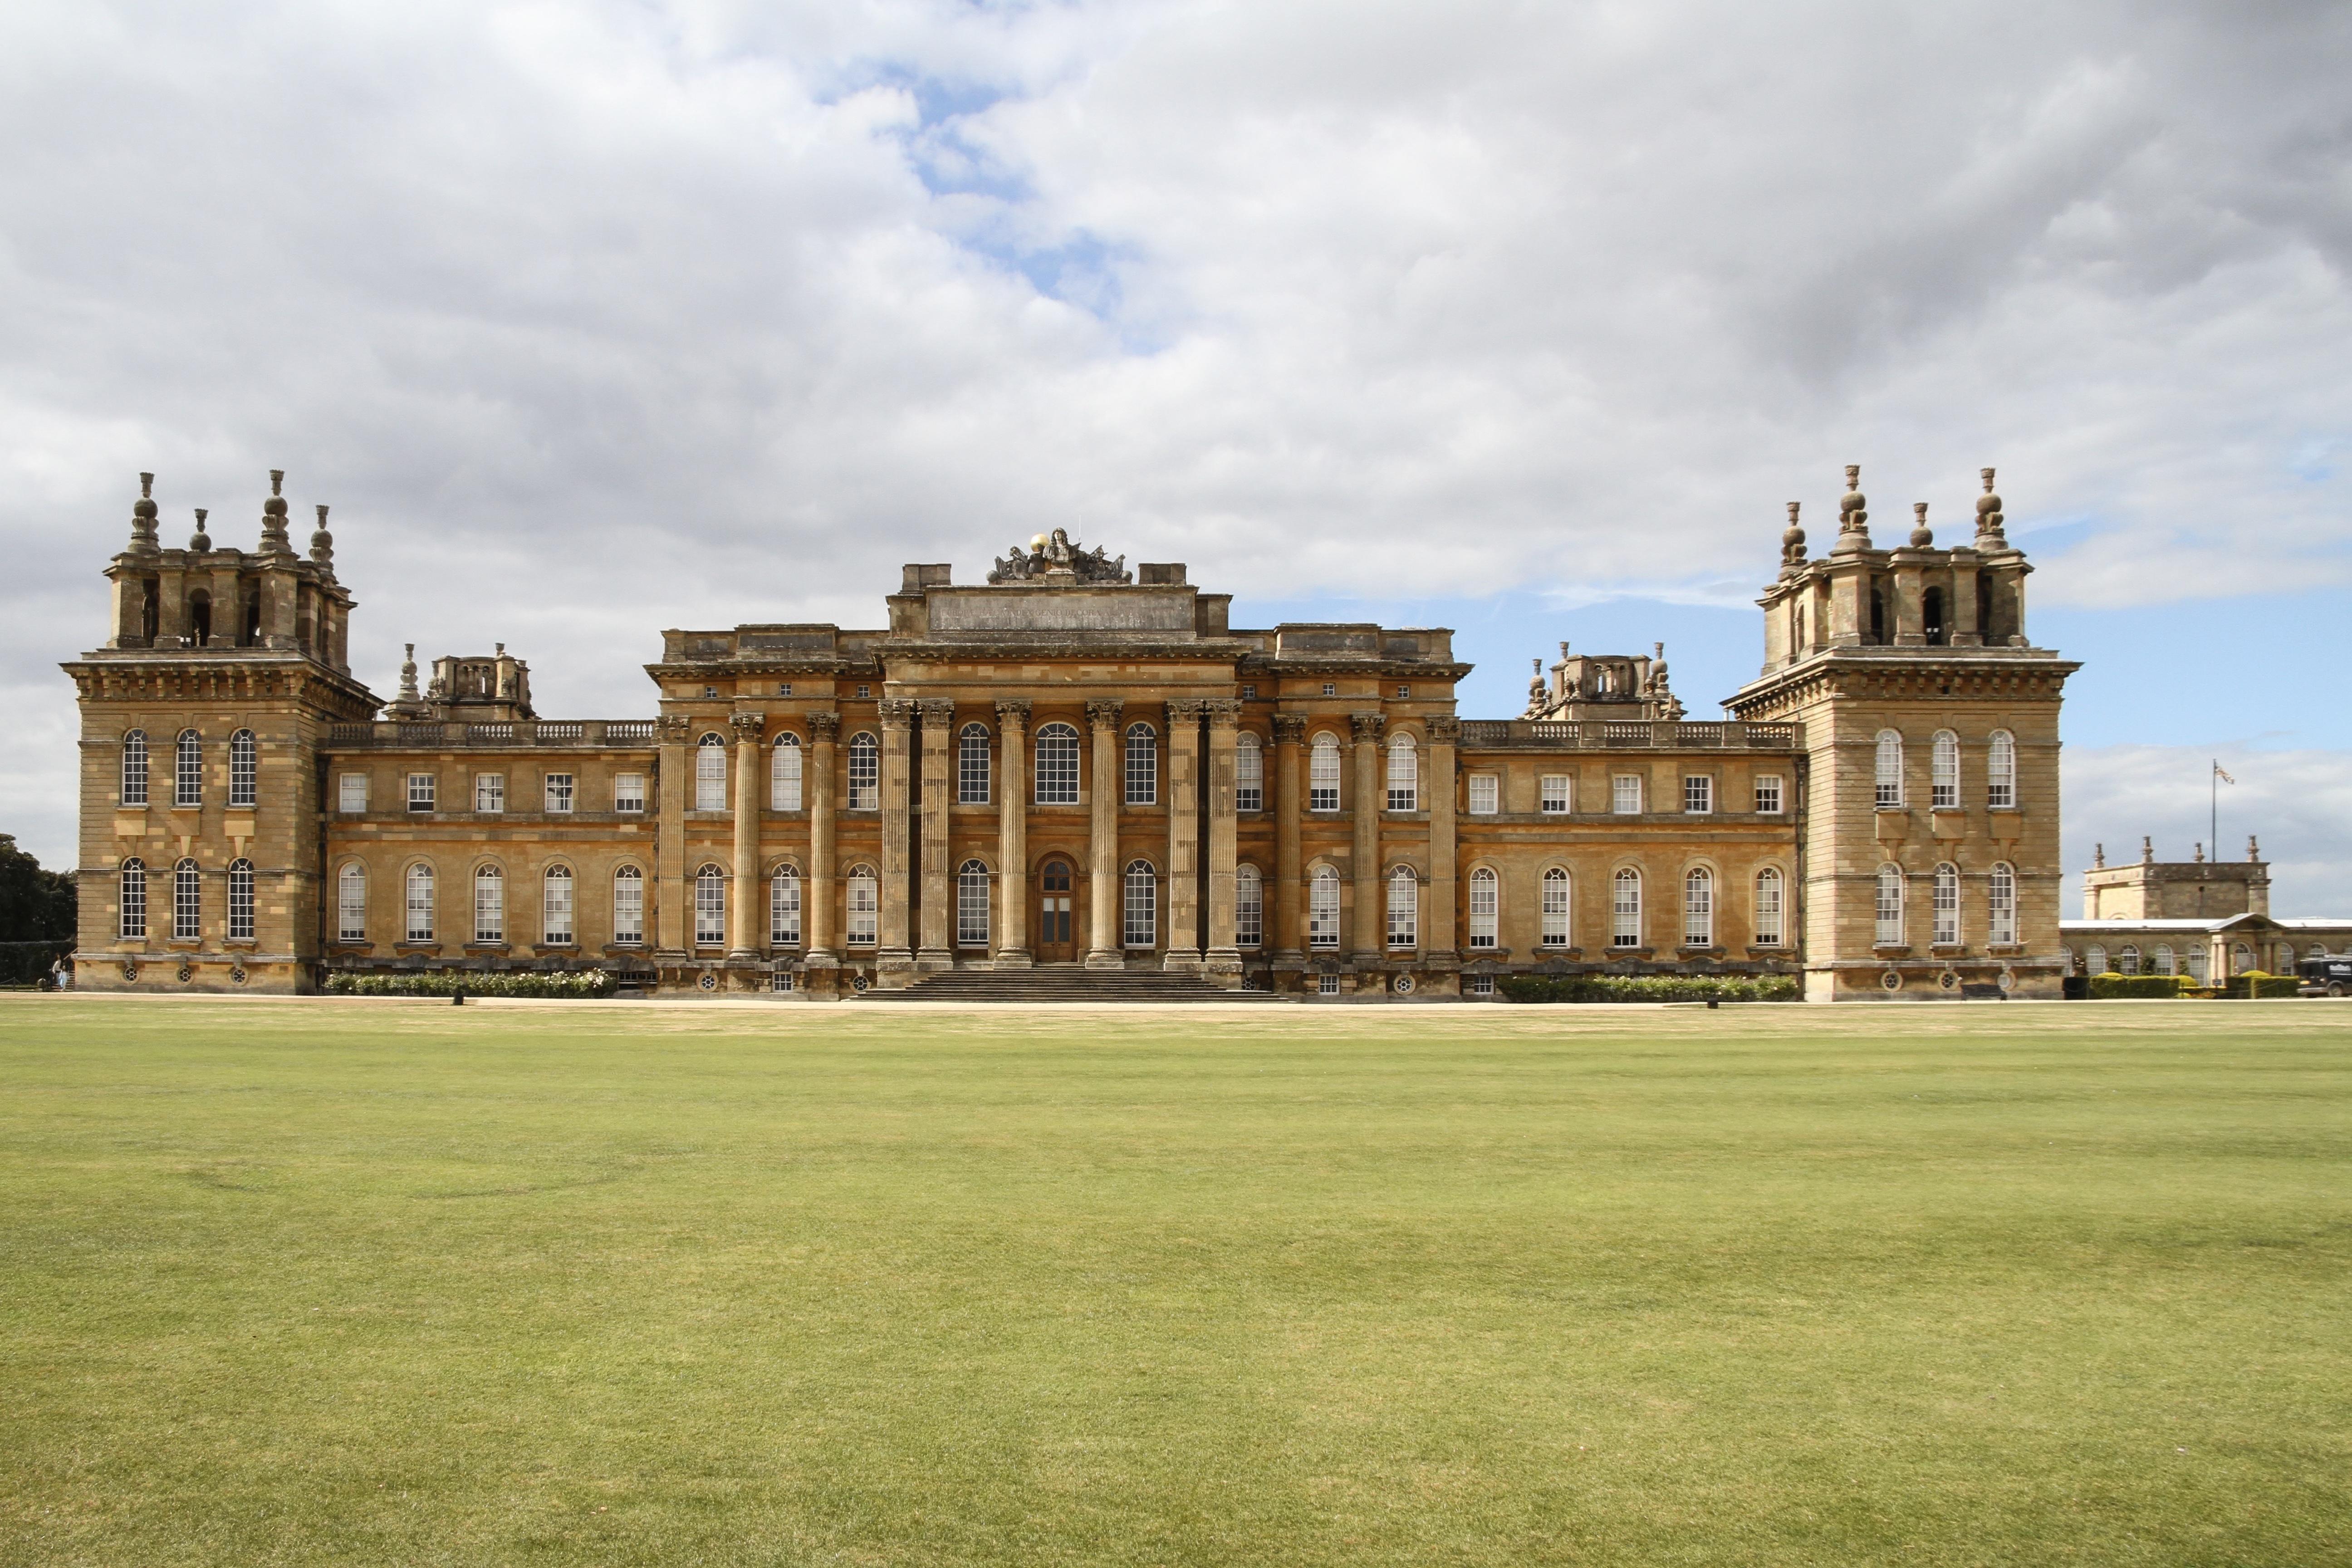 estructura csped palacio edificio castillo punto de referencia herencia mundial inglaterra inmuebles oxfordshire casa seorial woodstock